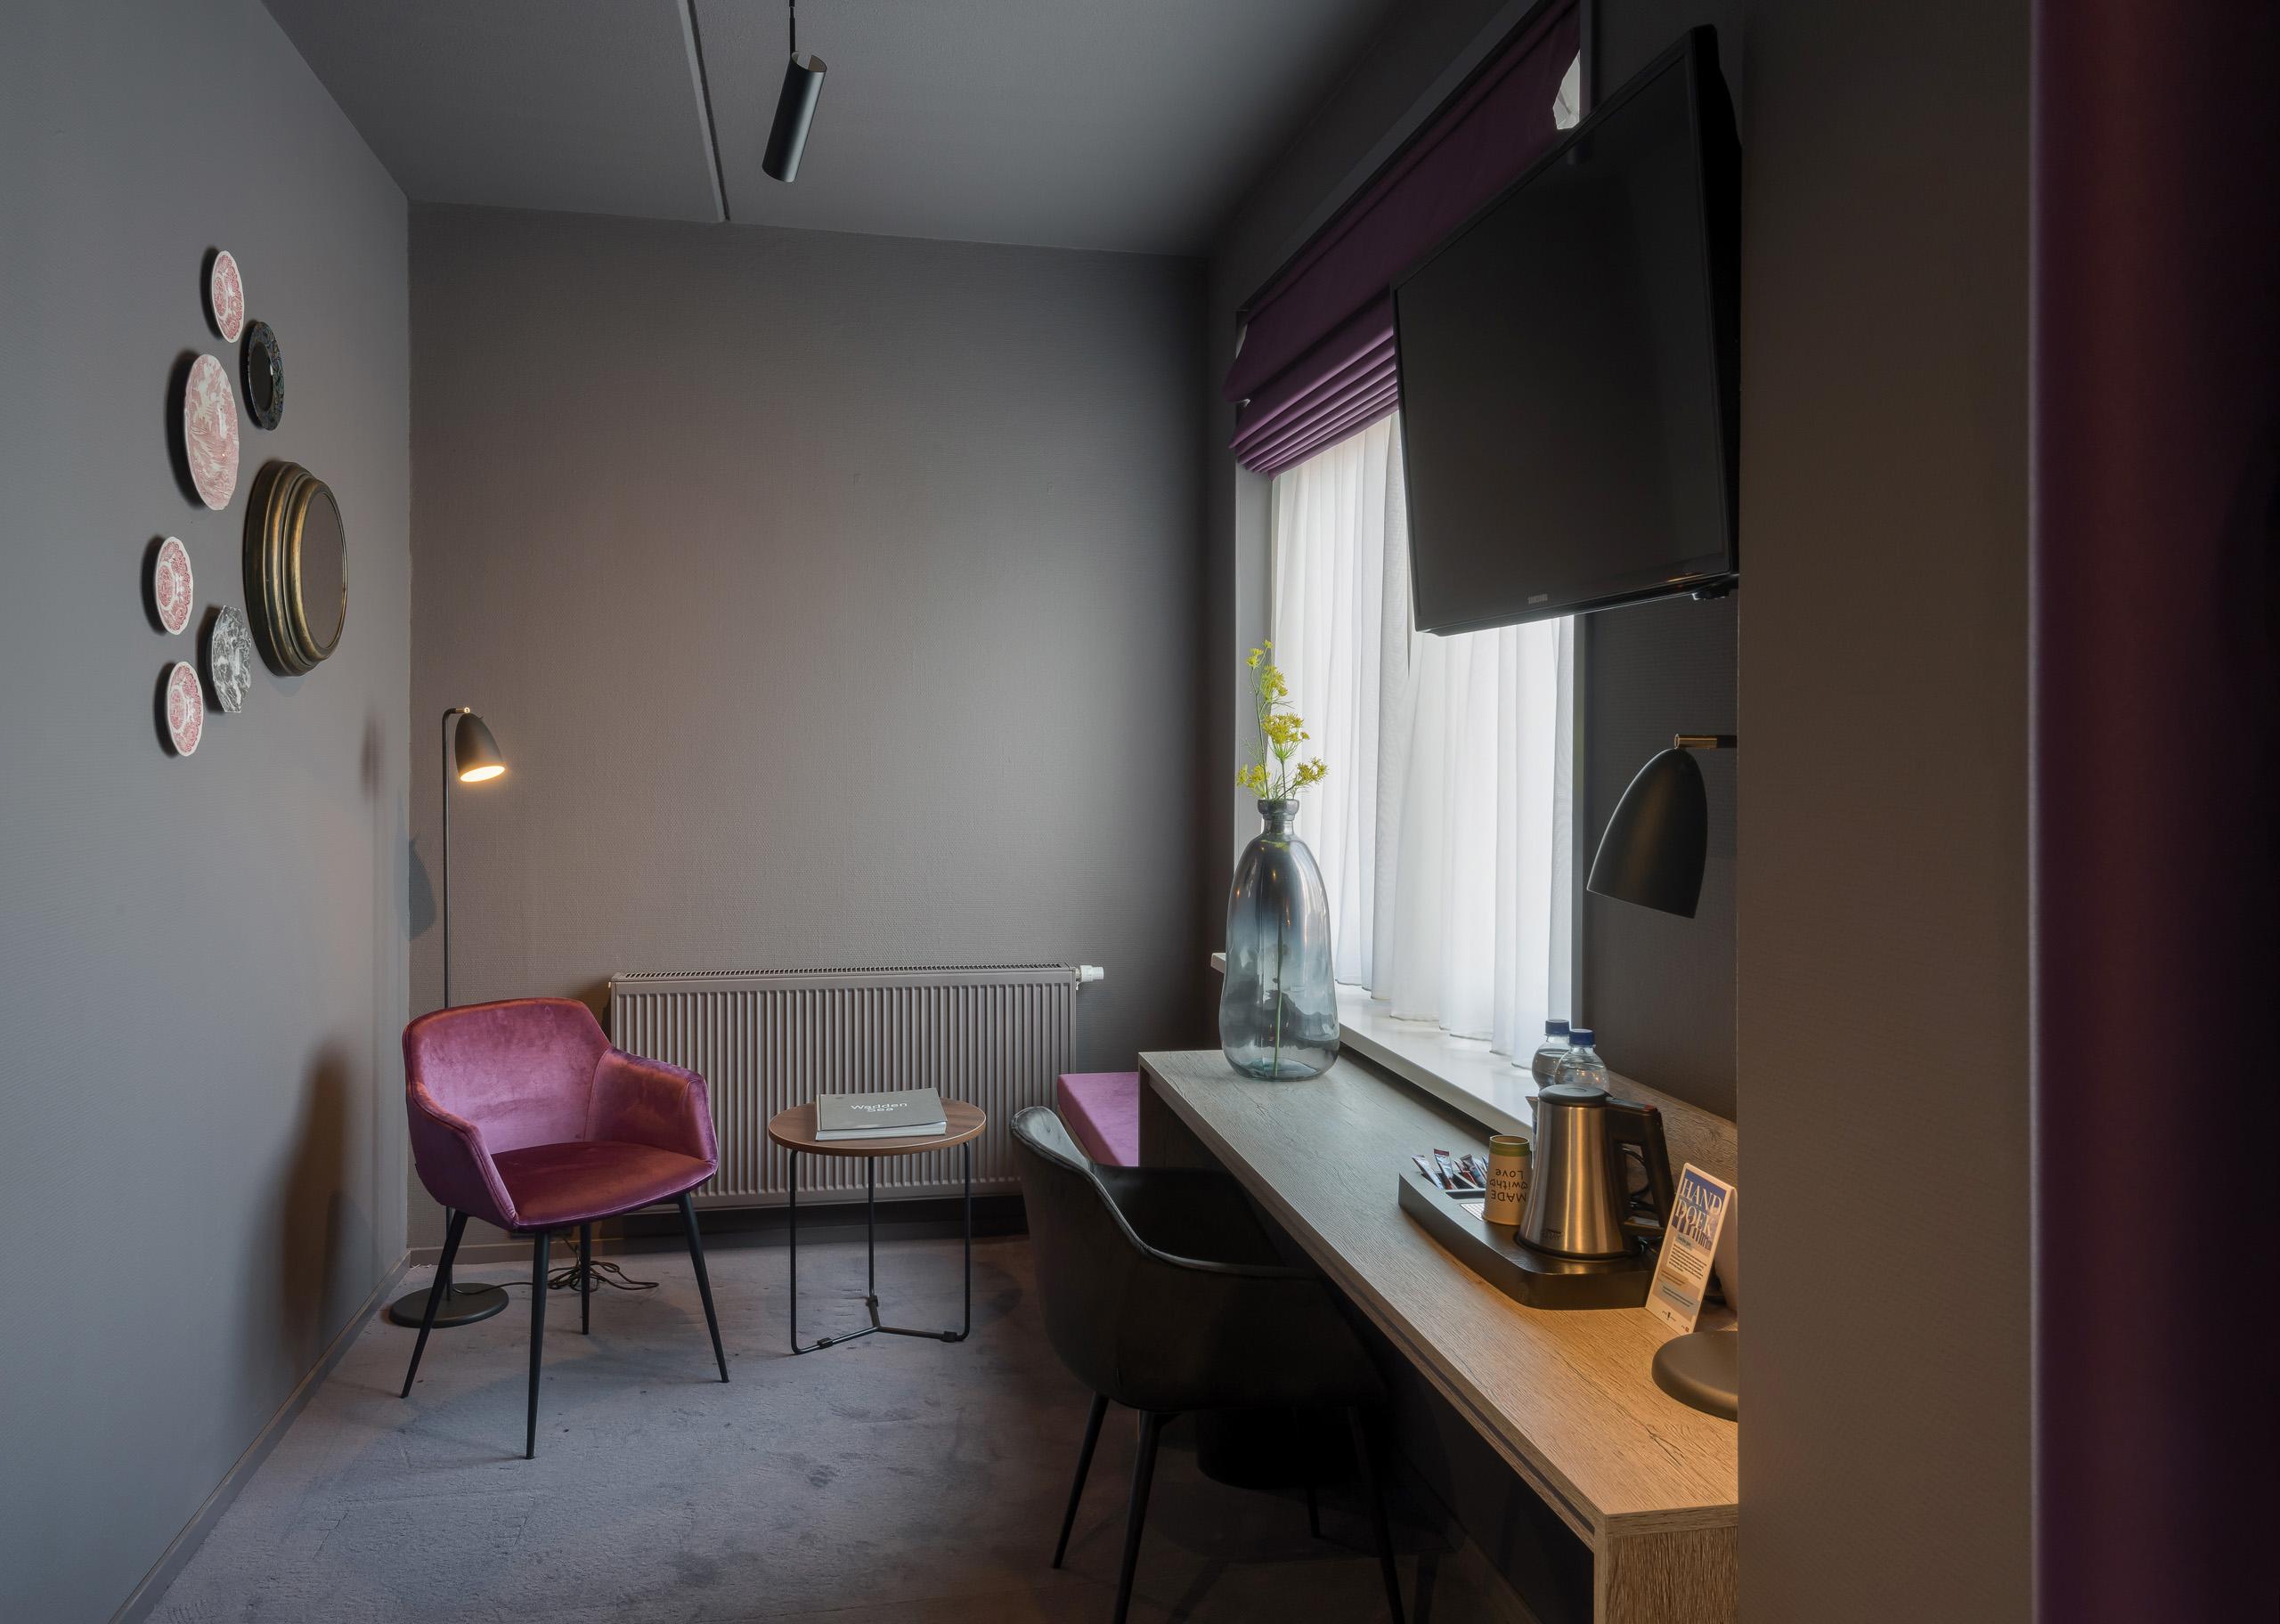 Hotel Prins Hendrik interieur door E.S.T.I.D.A